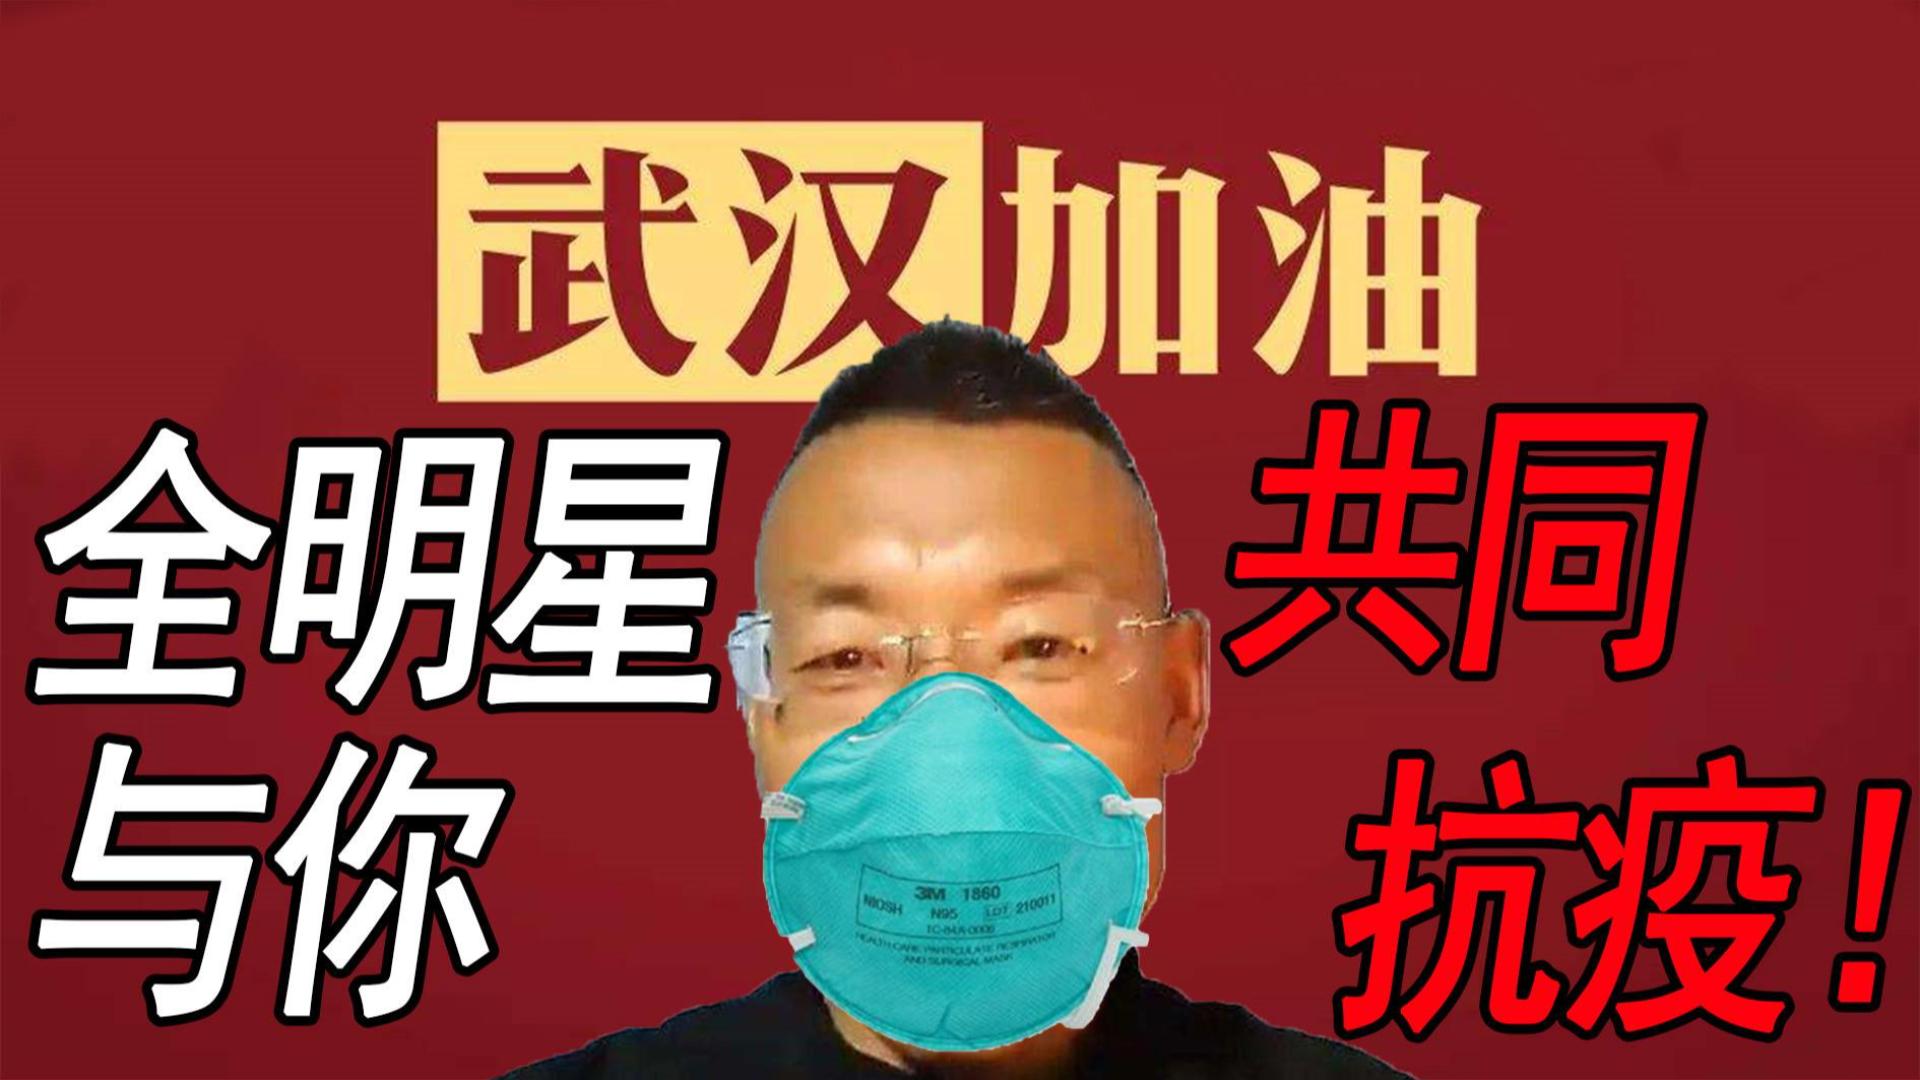 【全明星】 全明星与你一起抗疫情!武汉加油!中国加油!